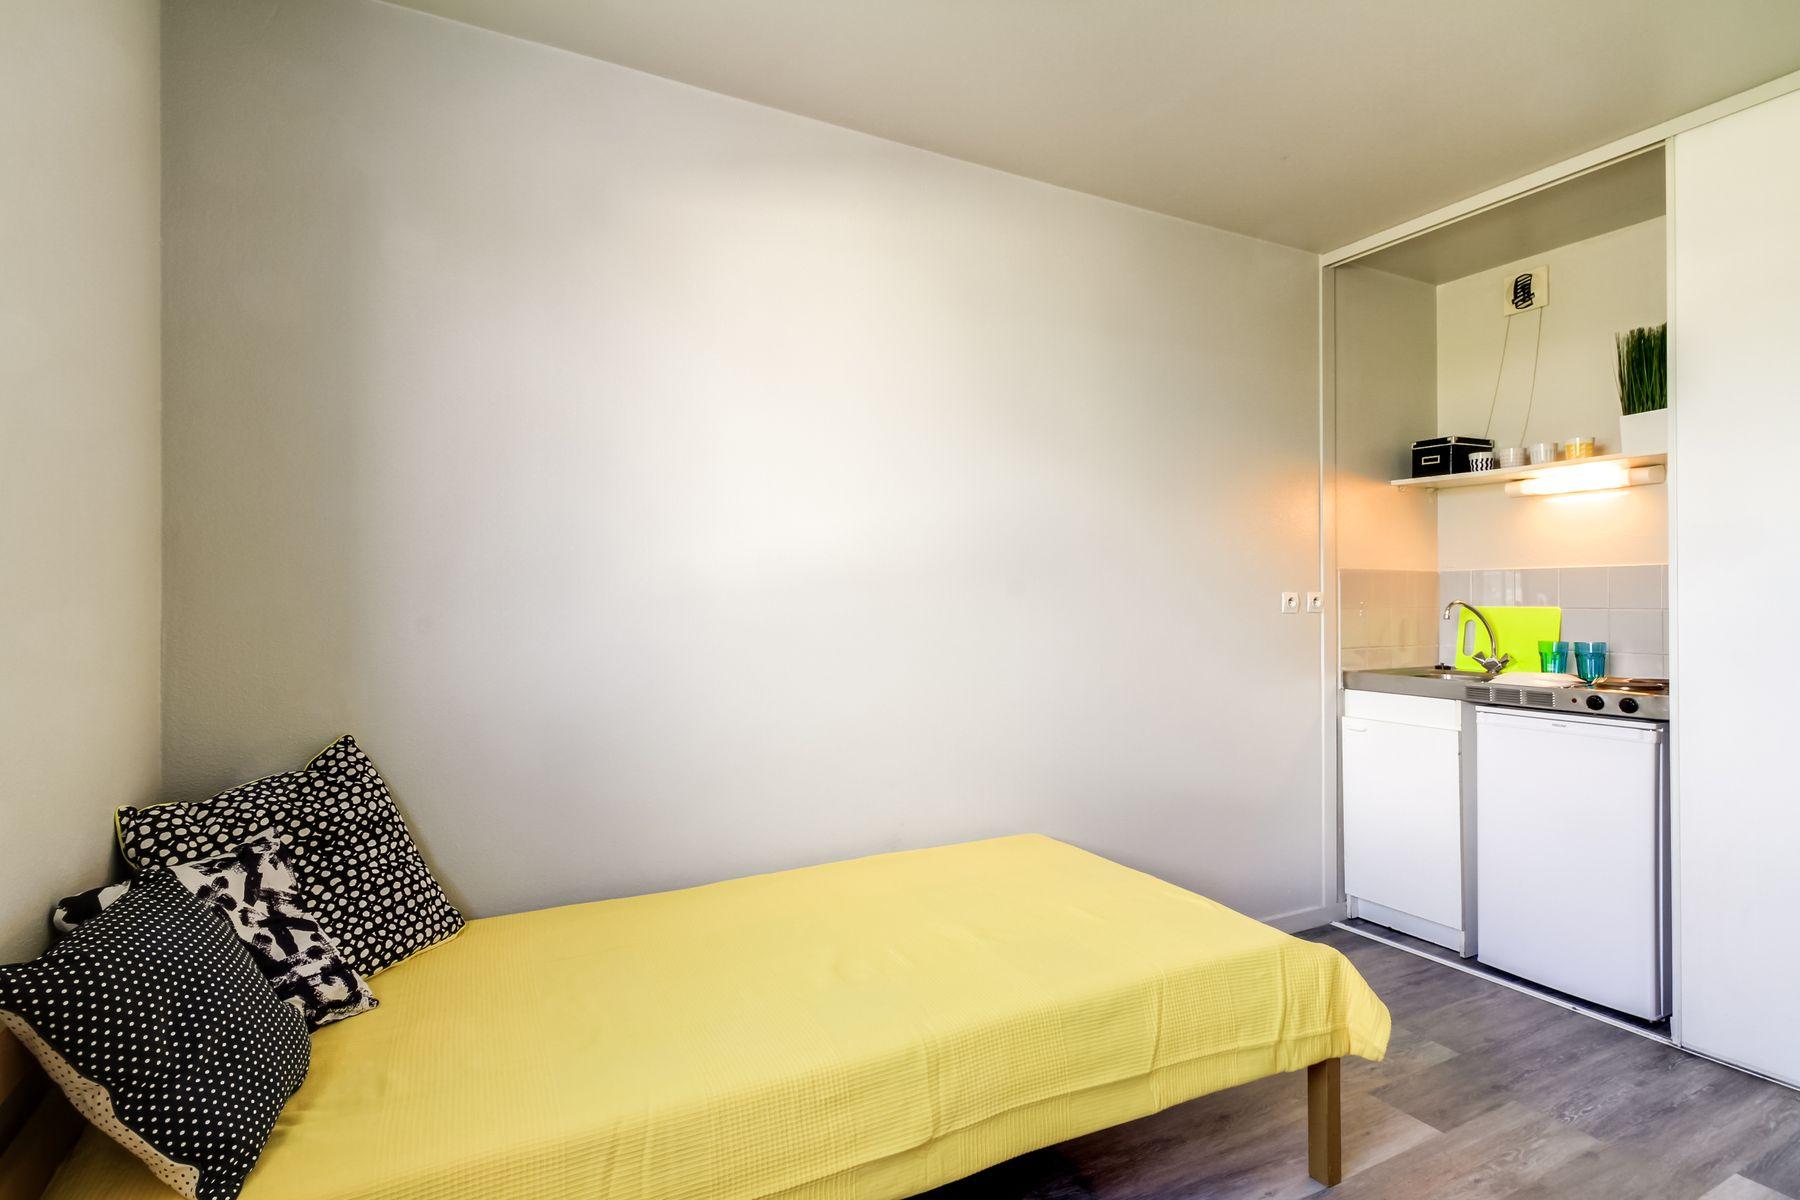 LOGIFAC résidence étudiante Saint-Exupéry Dijon lit et cuisine